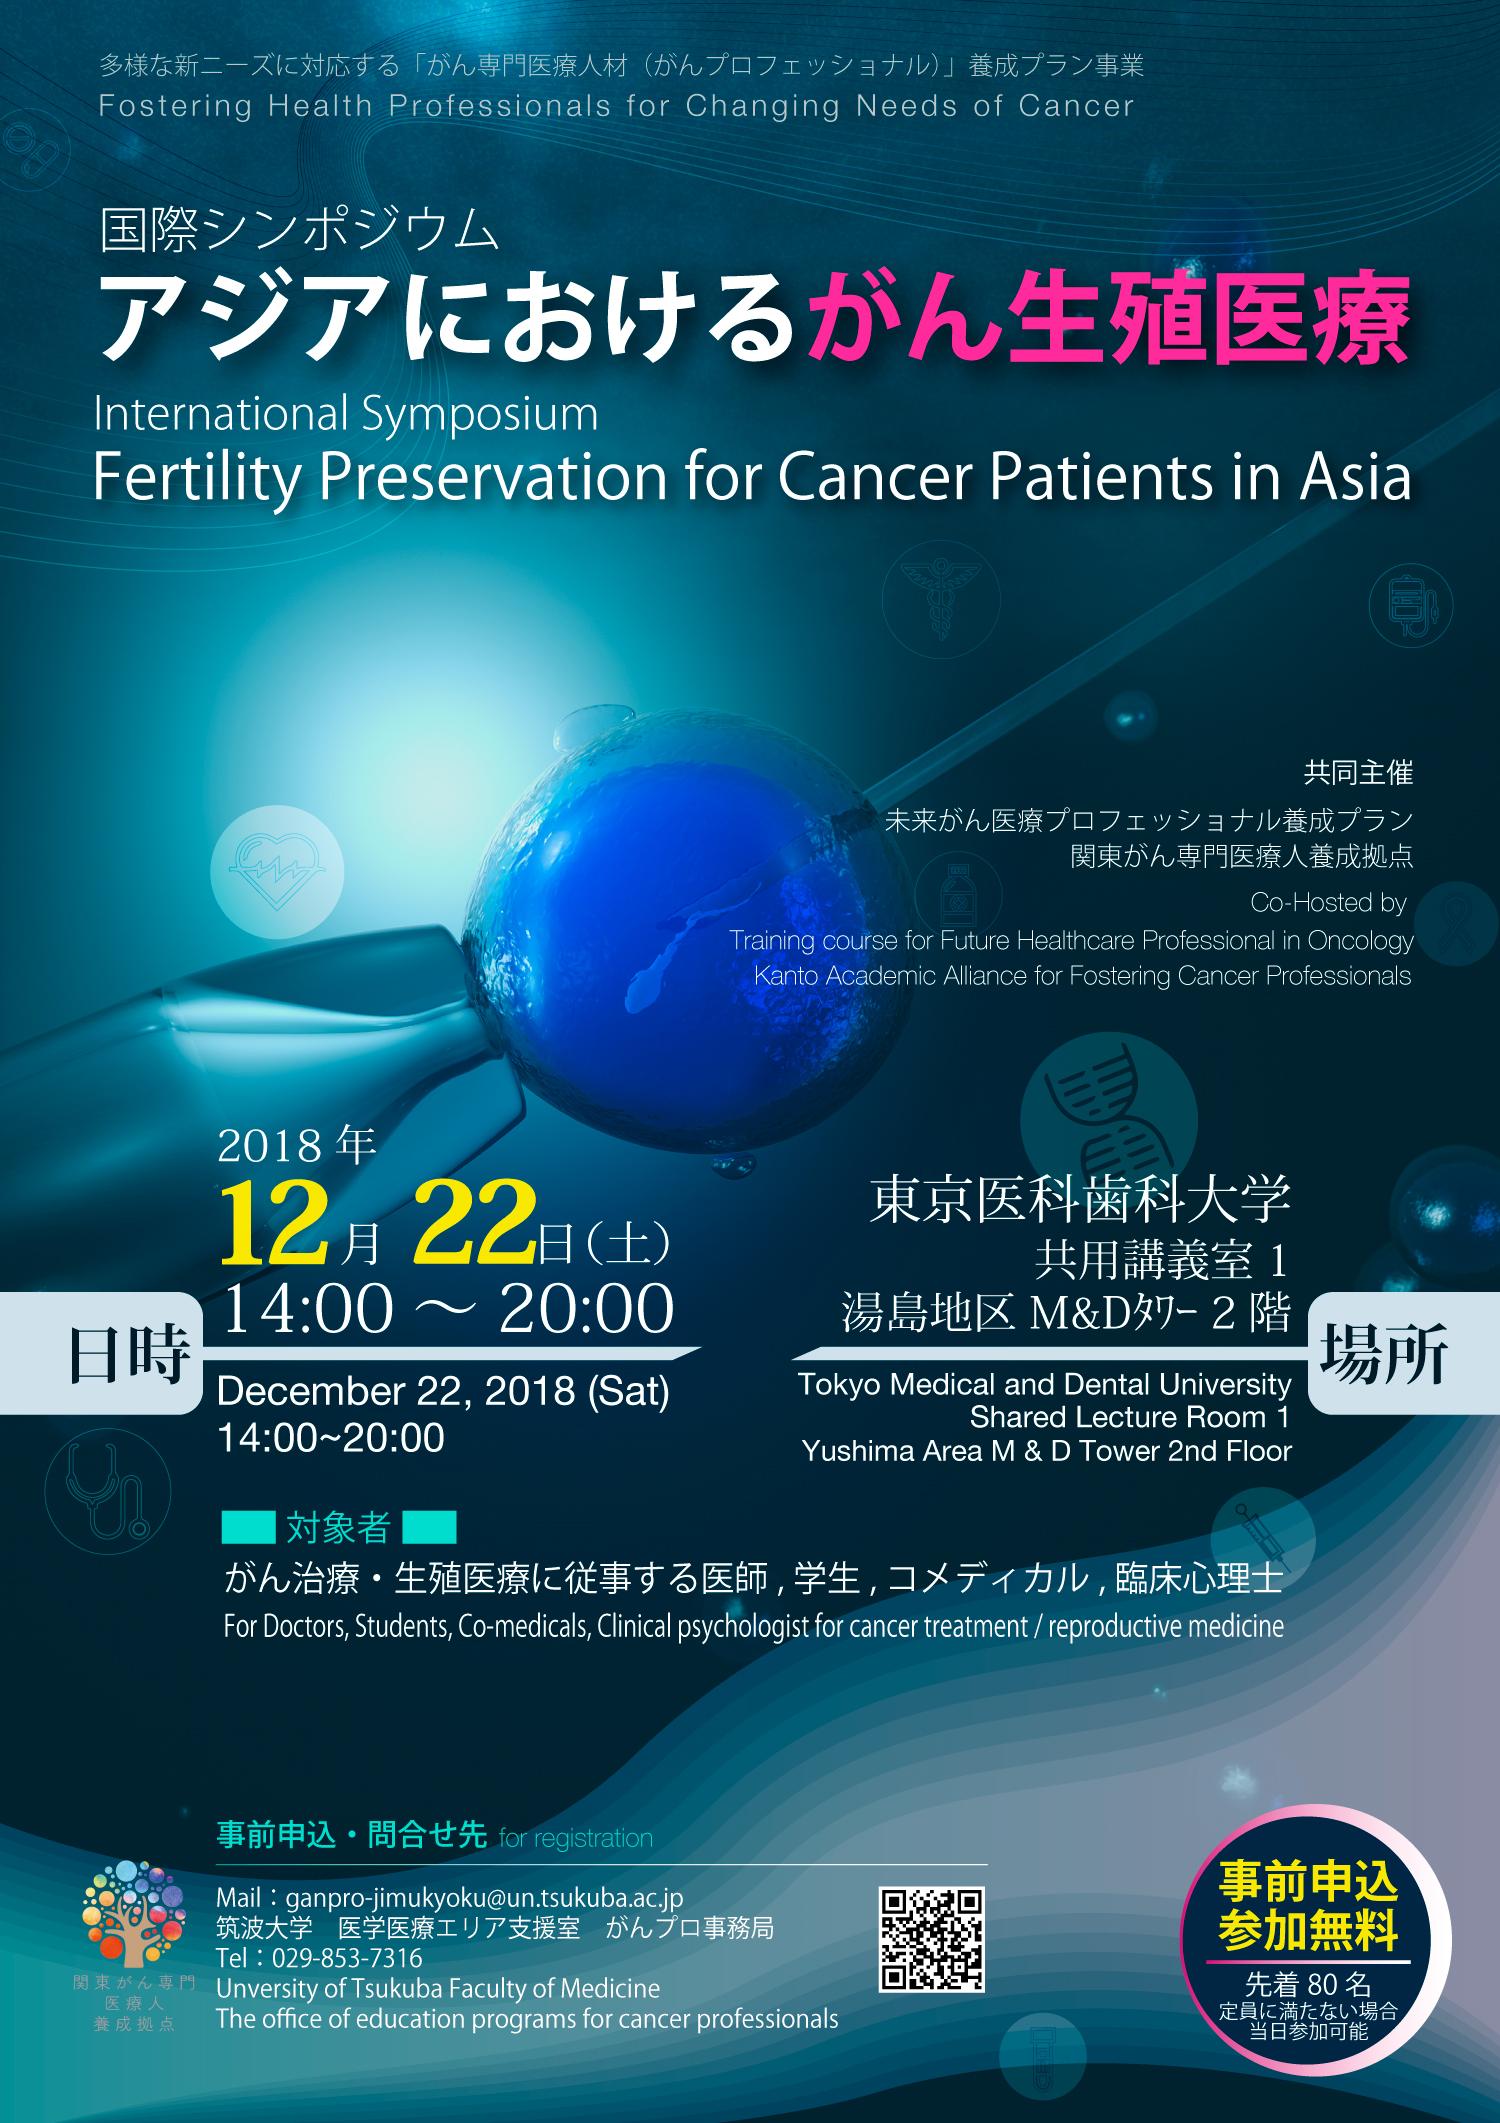 12月22日 国際シンポジウム 『アジアにおけるがん生殖医療』